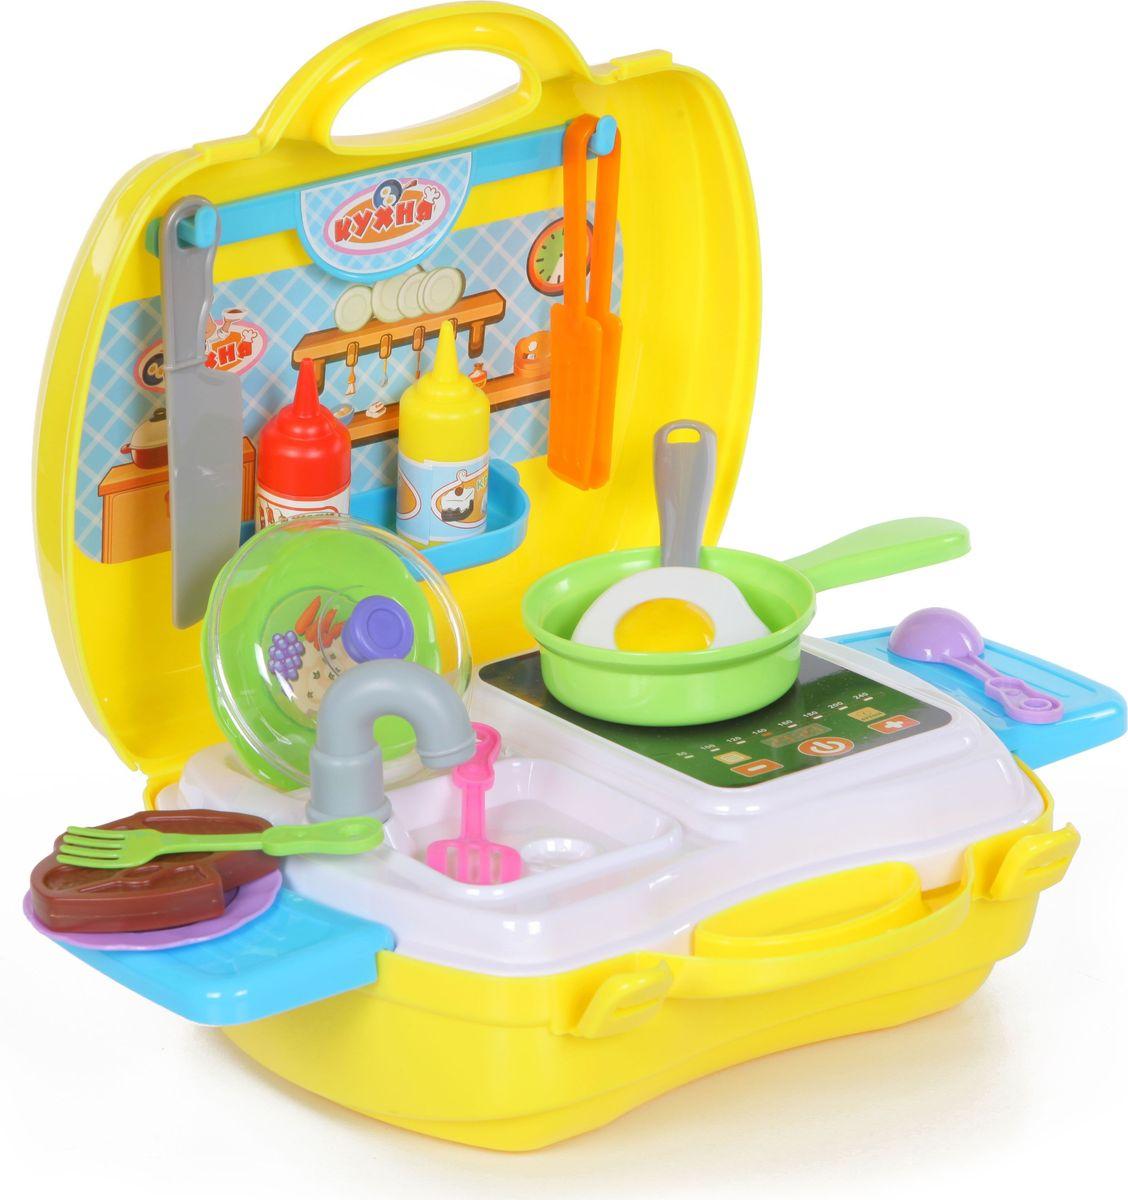 Yako Игровой набор Кухня 22 предмета в чемоданчике игровые наборы yako игровой набор кухня